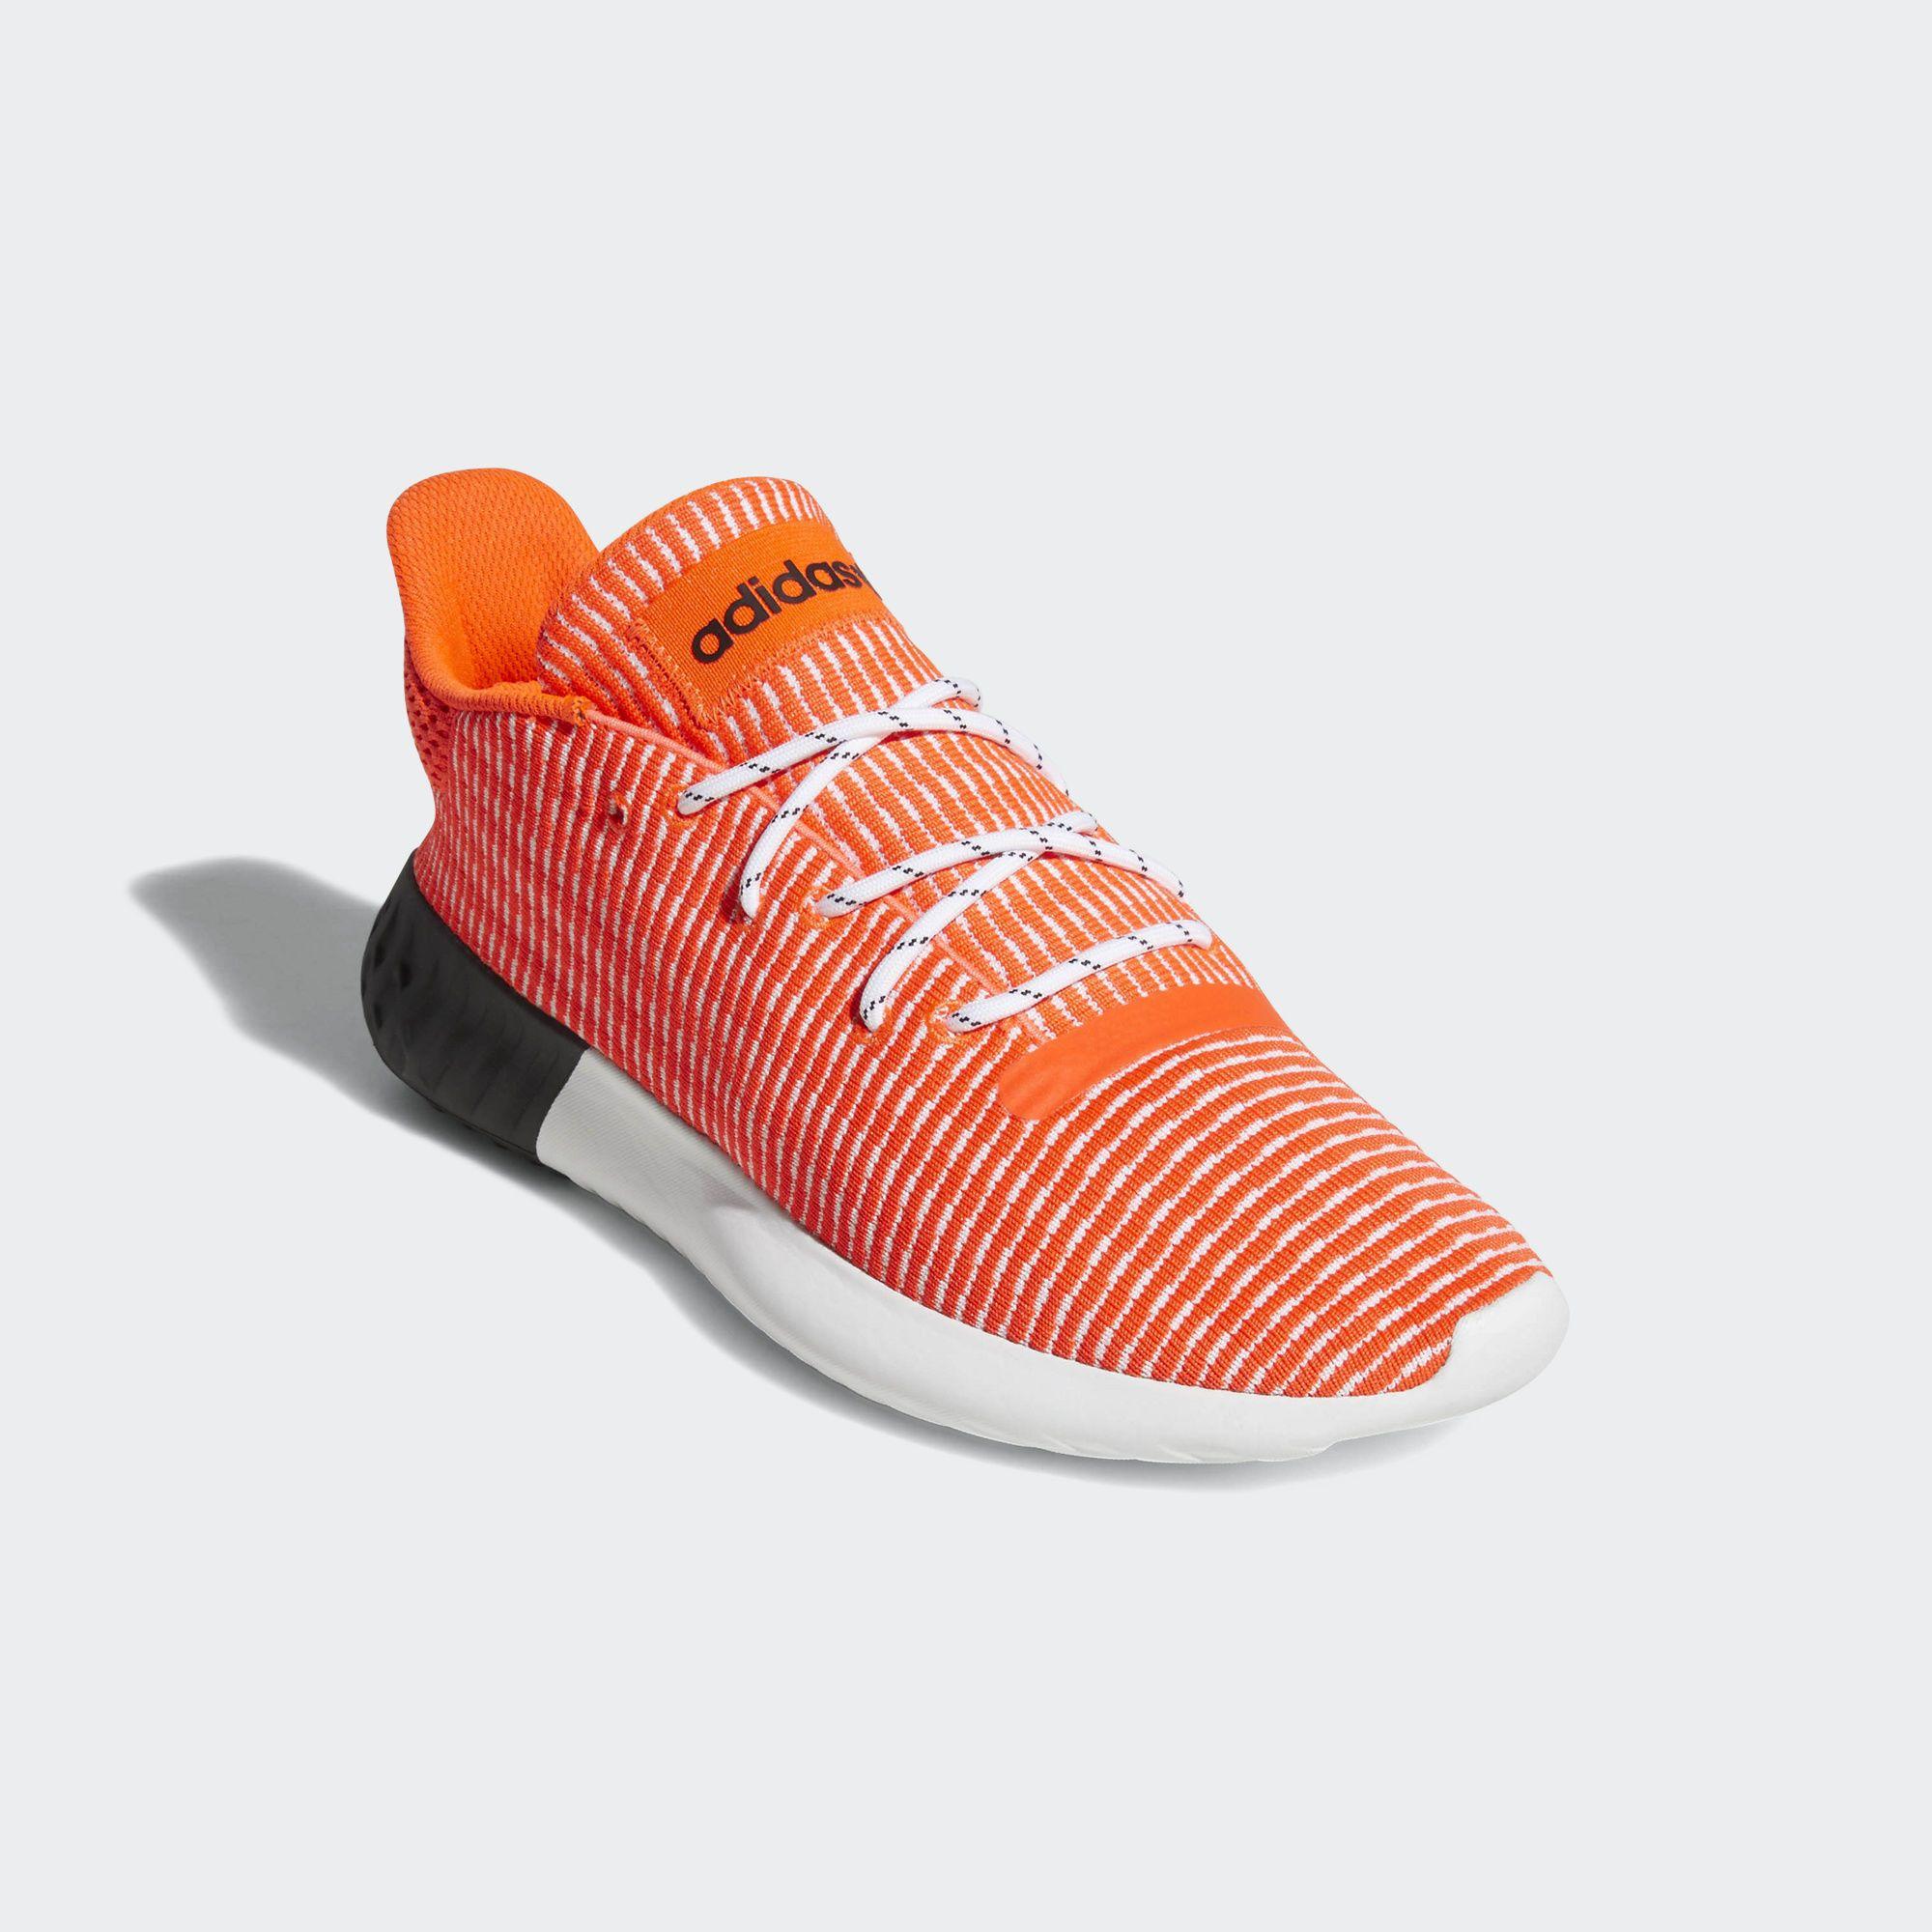 Details about adidas Tubular Dusk Primeknit Shoes Men s in 2019 ... e454a44ac